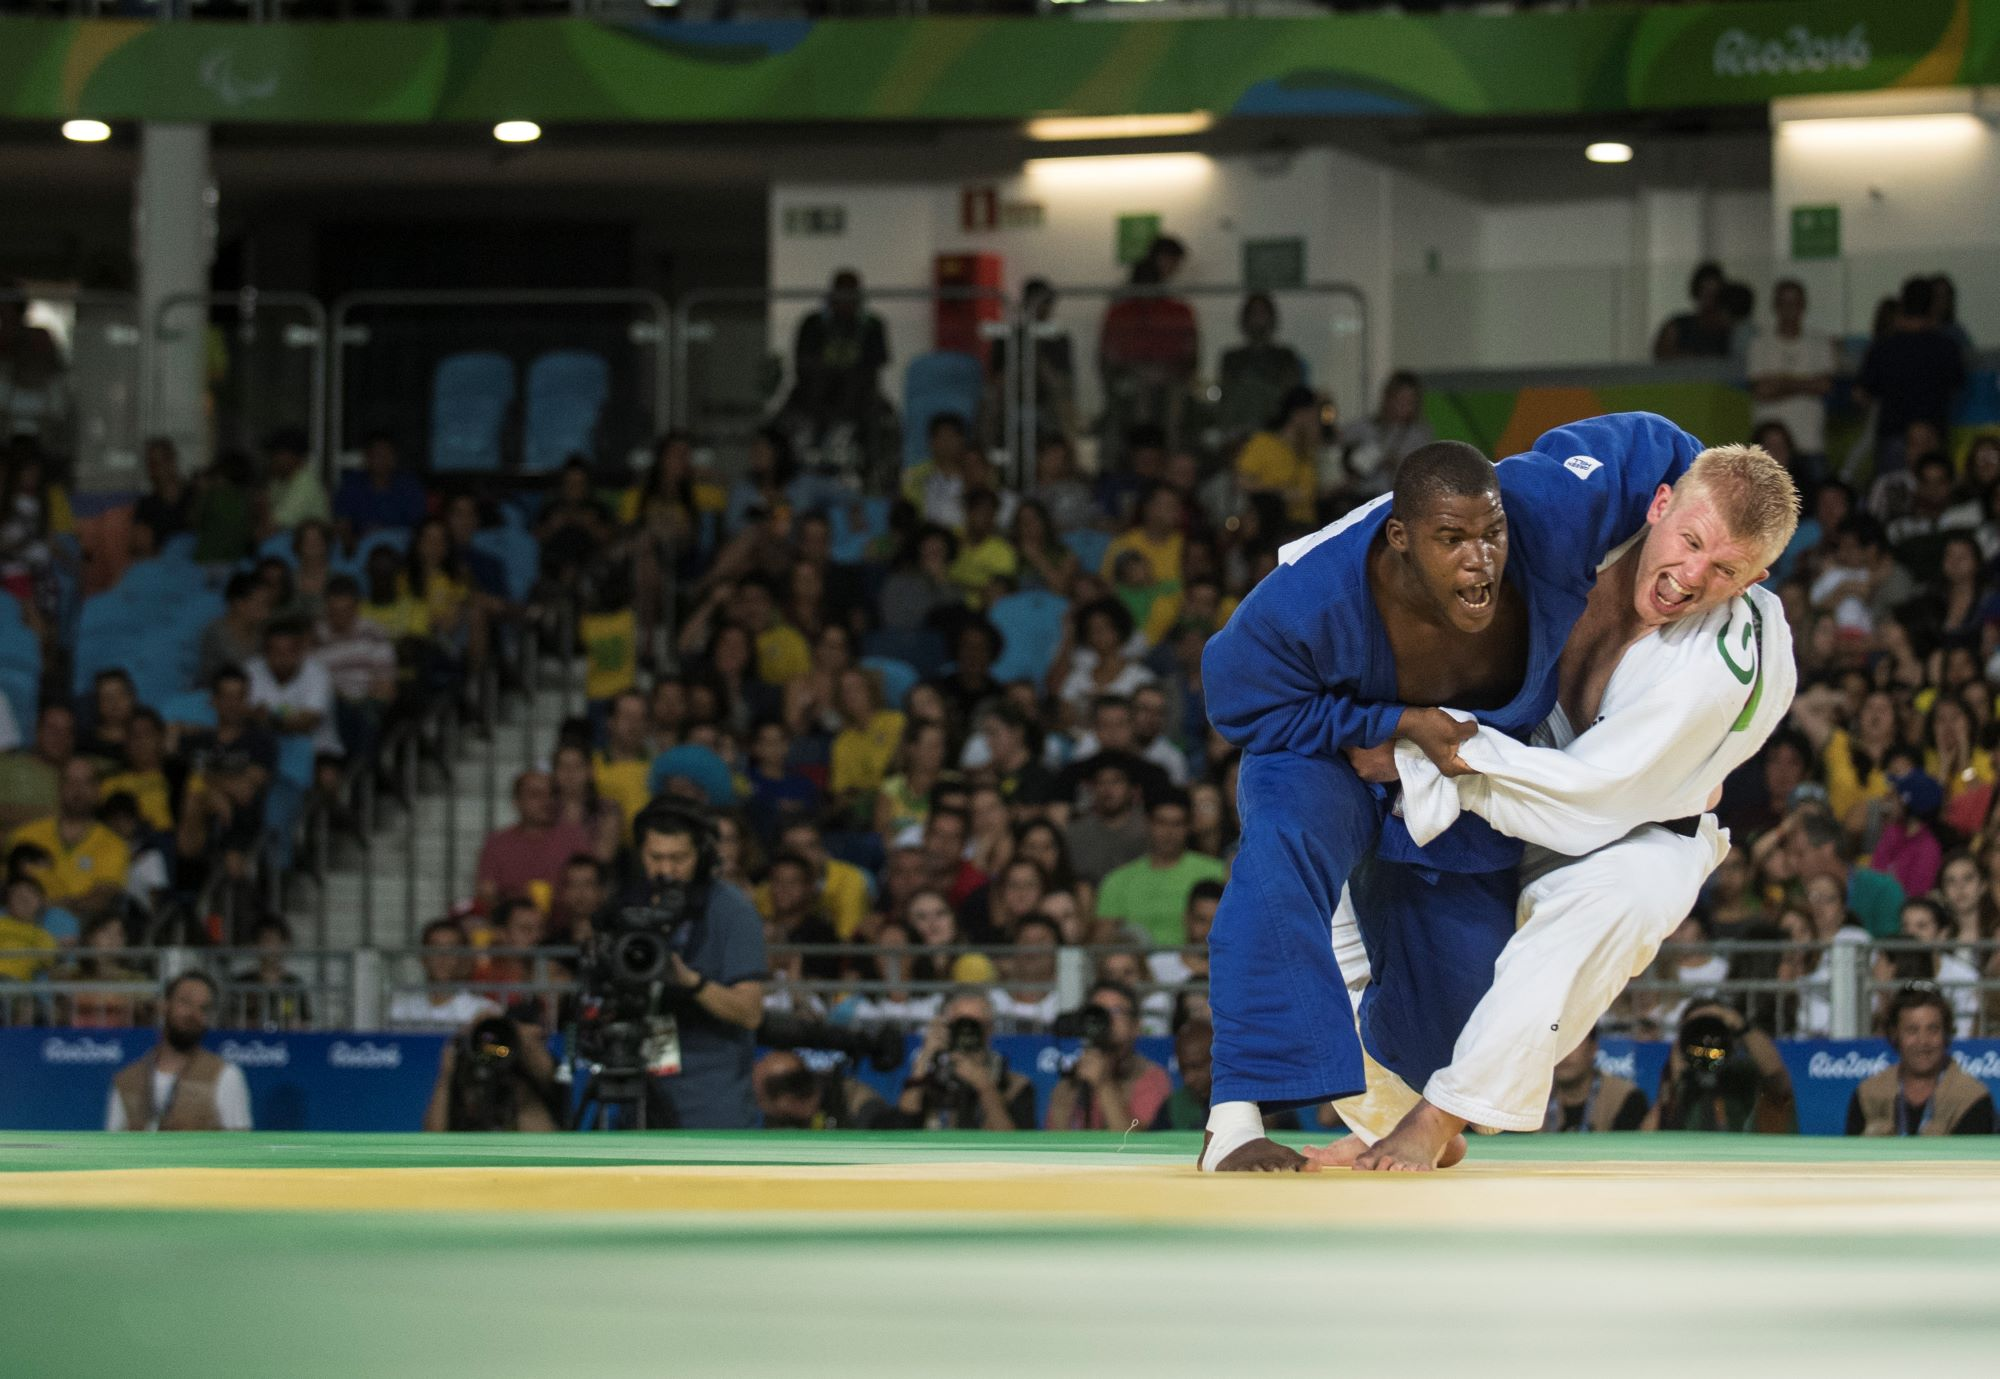 Un judokat avec un kimono bleu empoigne un judoka en kimono blanc lors des Jeux Paralympiques de Rio 2016